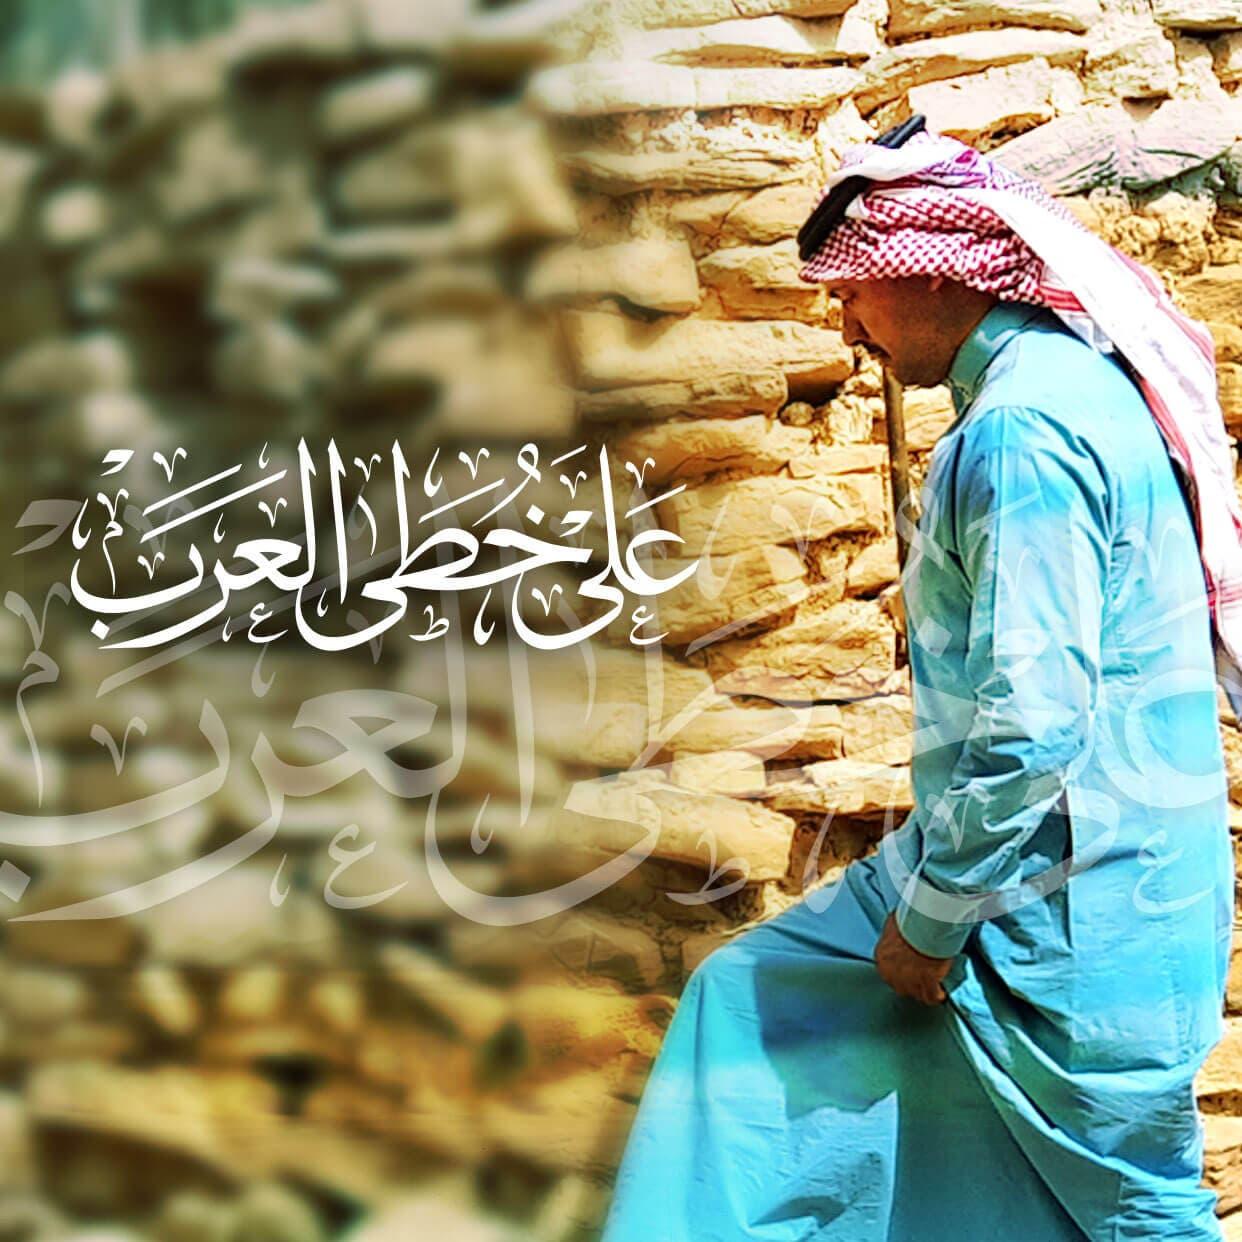 على خطى العرب - الرحلة الخامسة